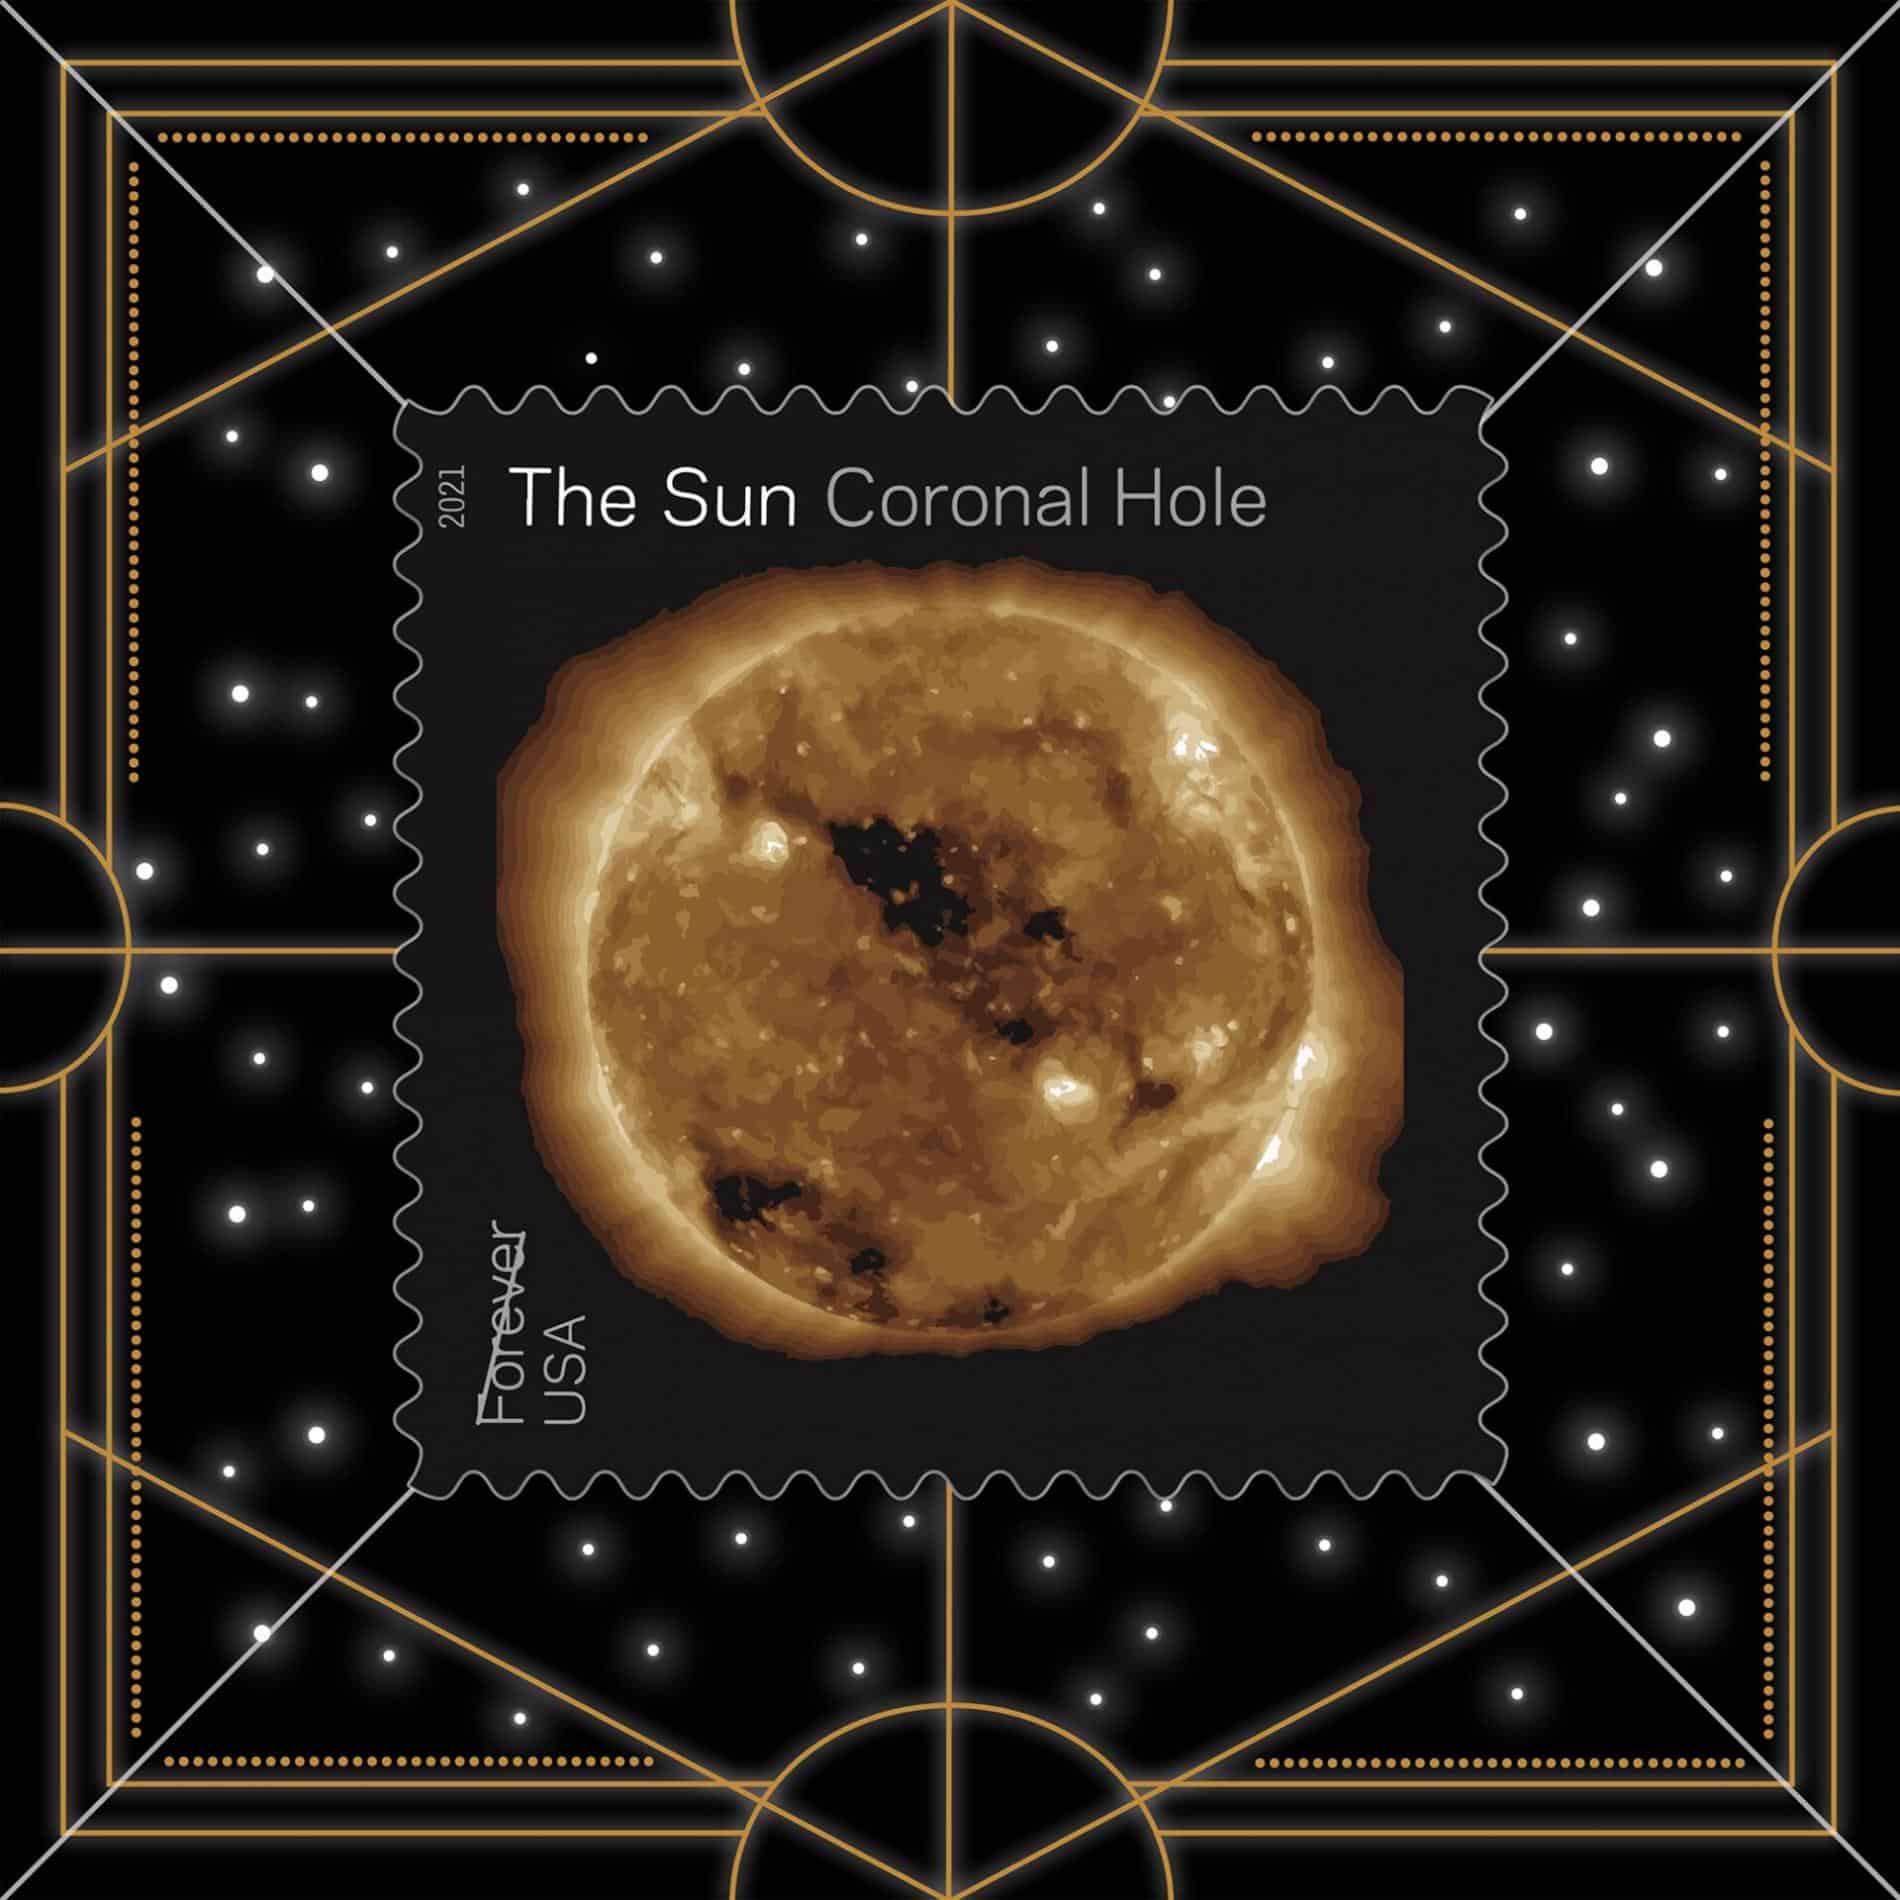 ESTAMPILLA SOLAR NASA UPSP CORONAL HOLE